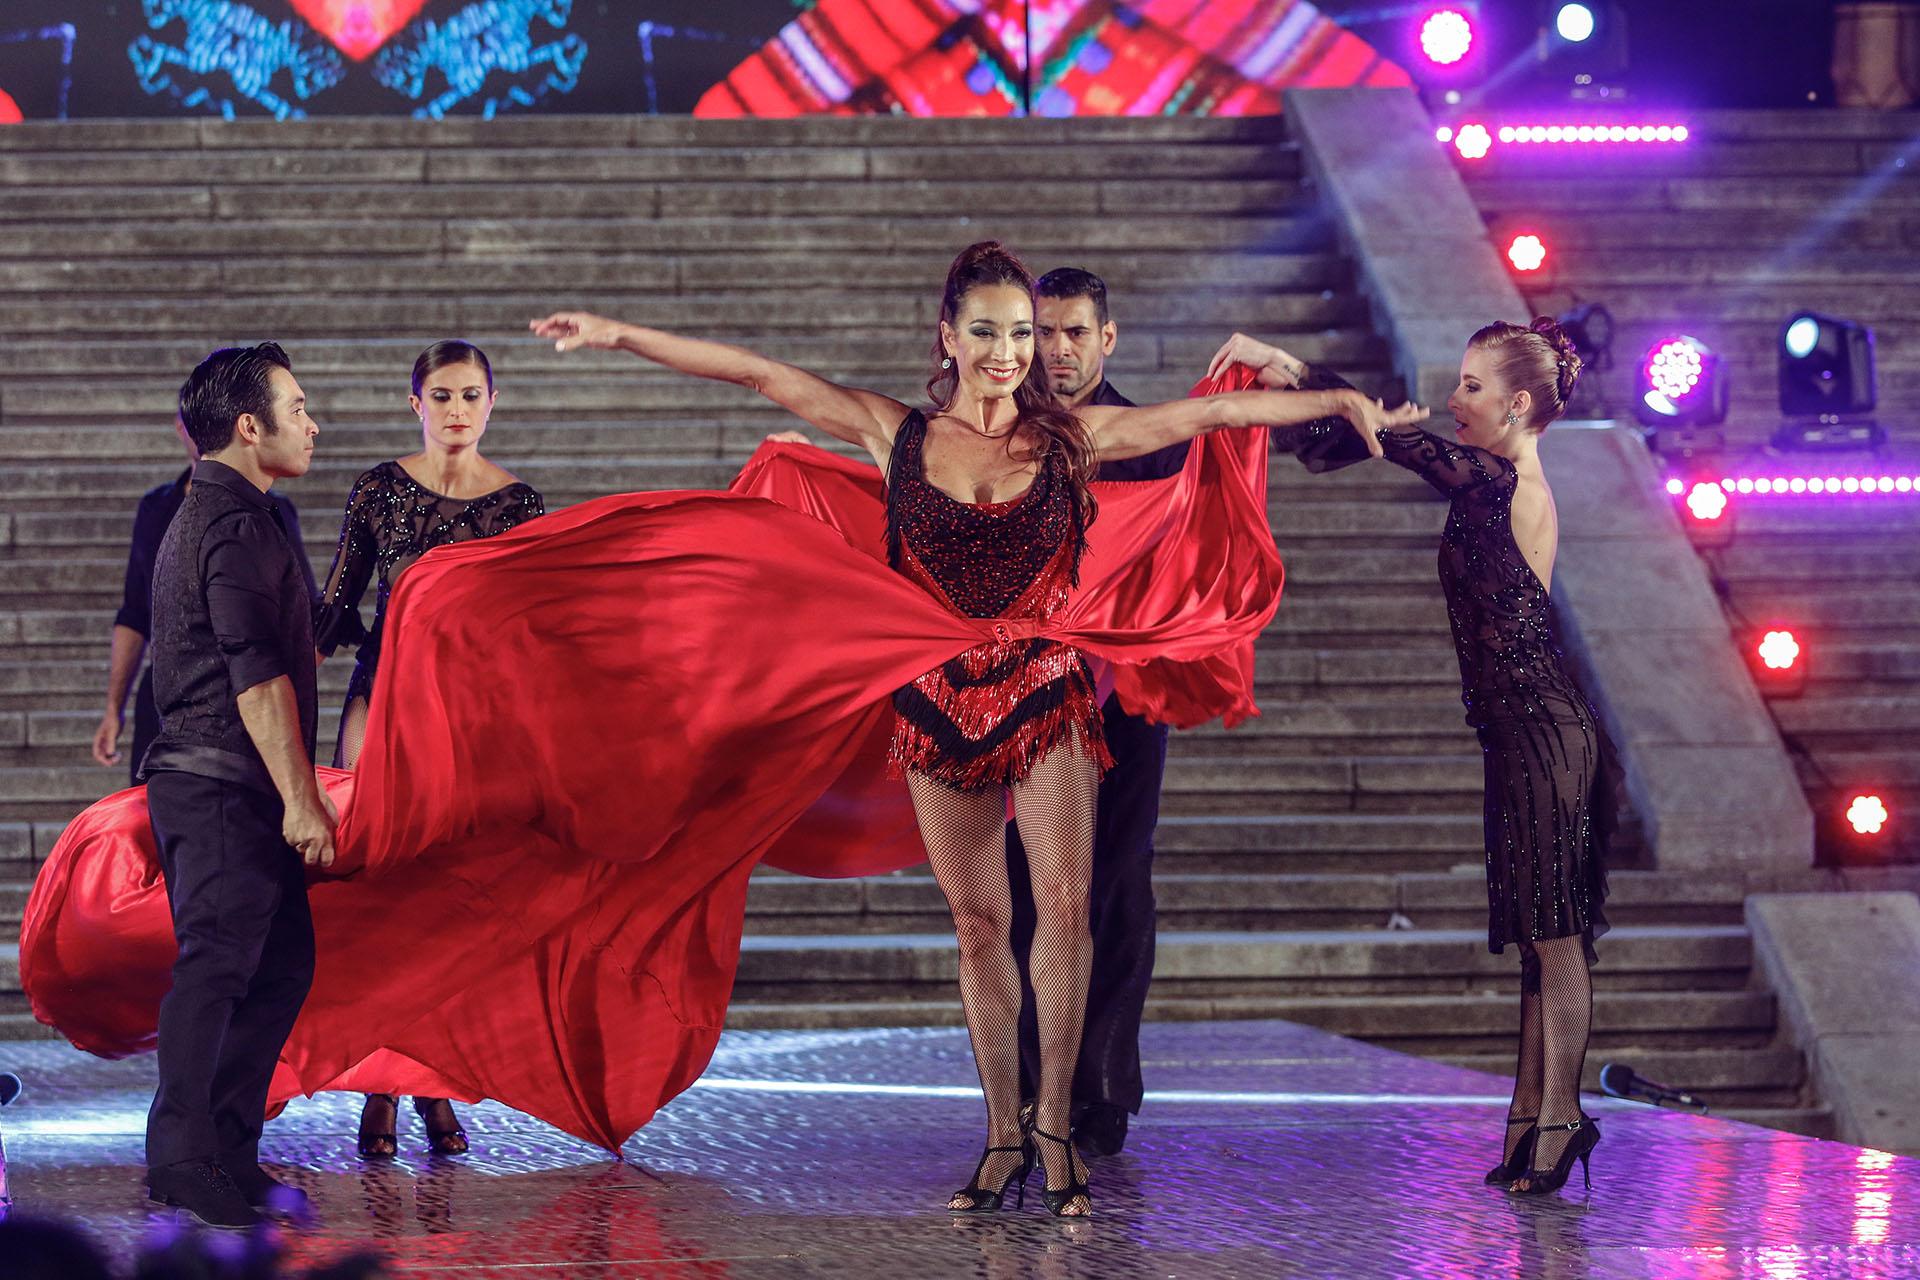 Un show a puro tango de la mano de Mora Godoy